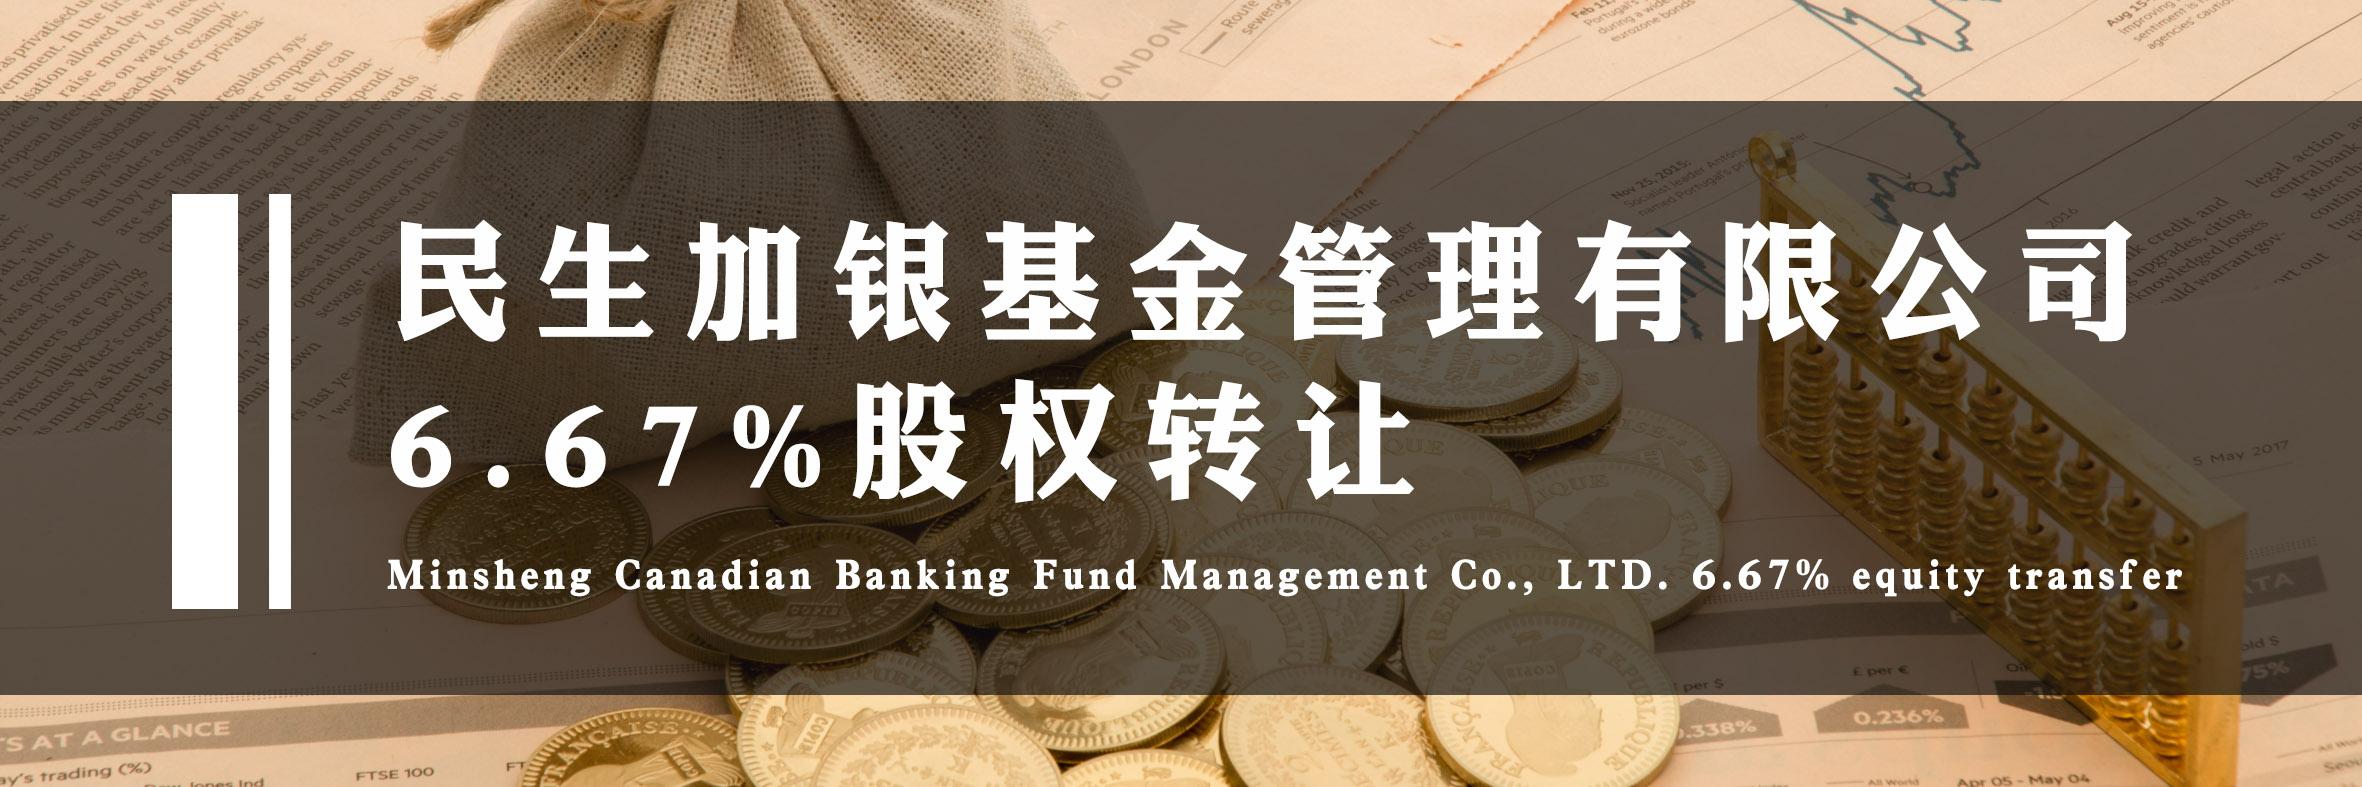 民生加银基金管理有限公司6.67%股权转让